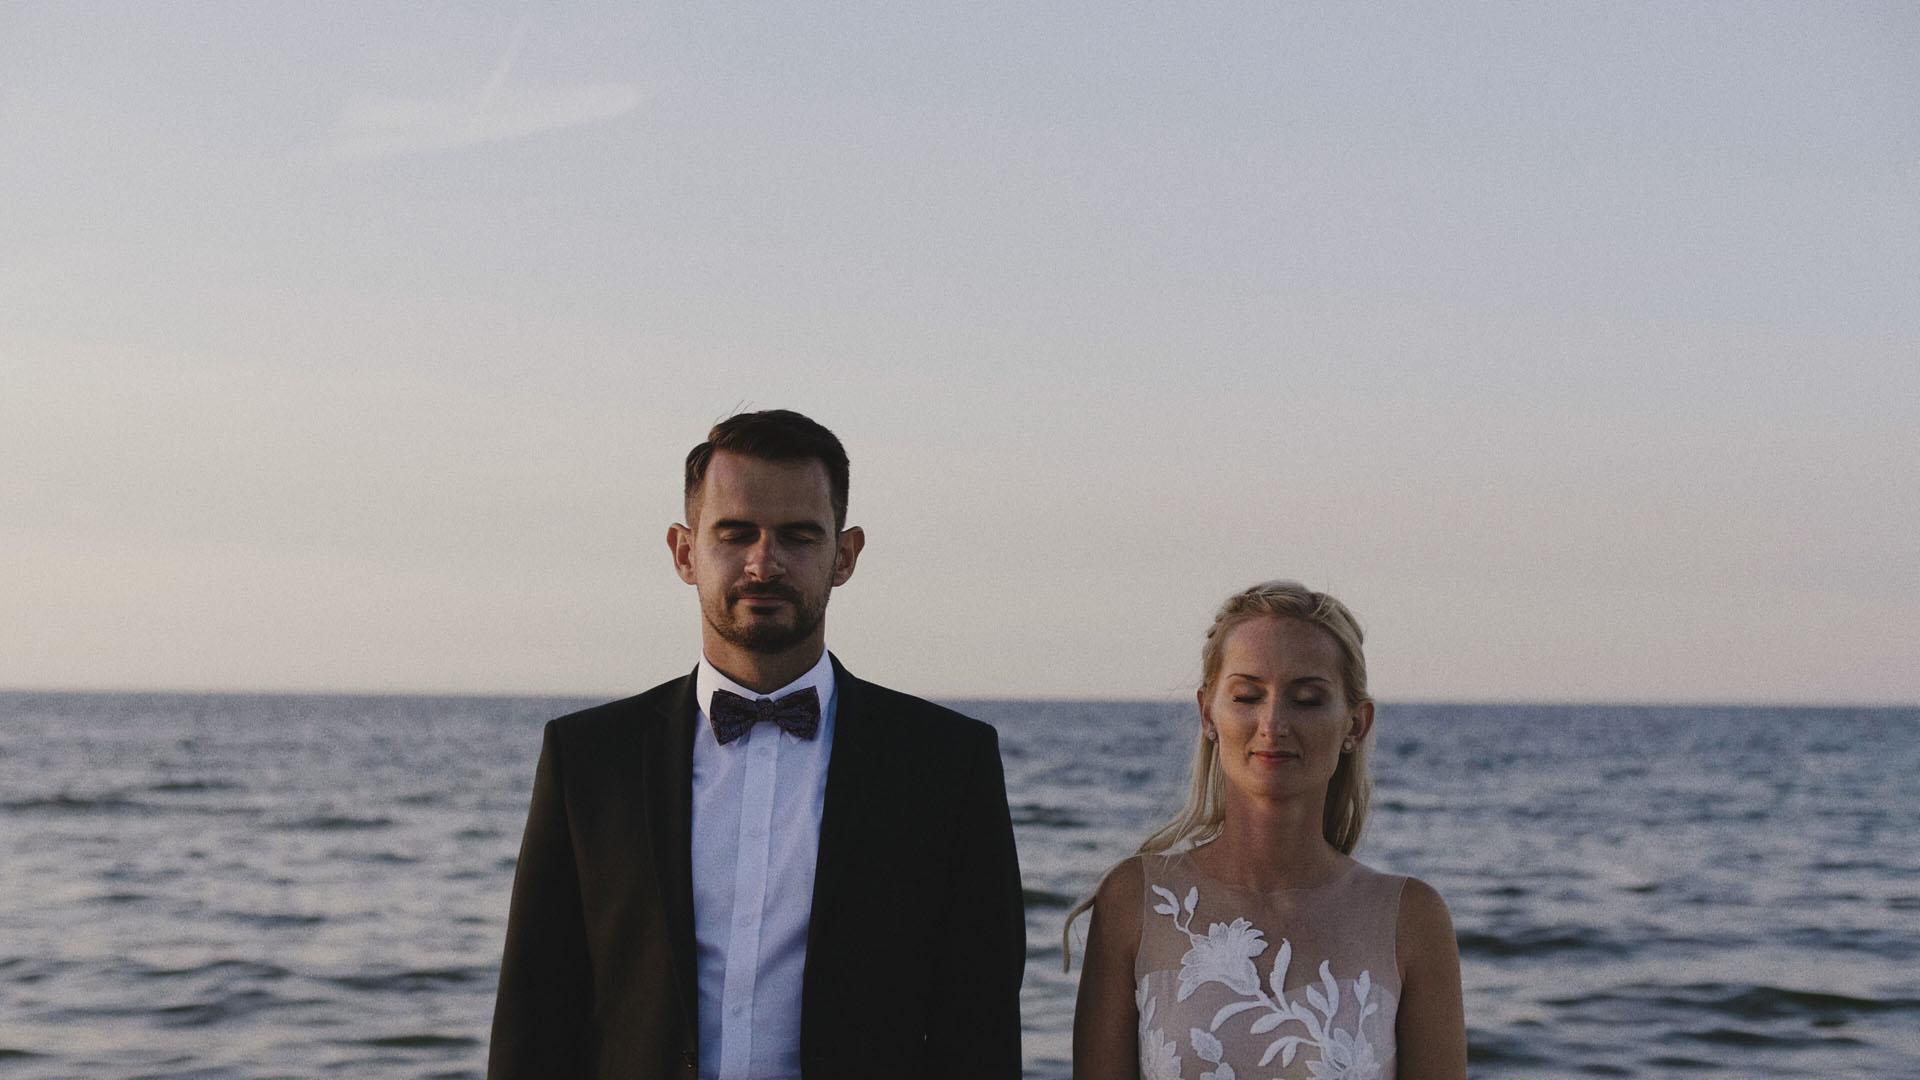 1 sesja nad morzem film ślubny sesja ślubna